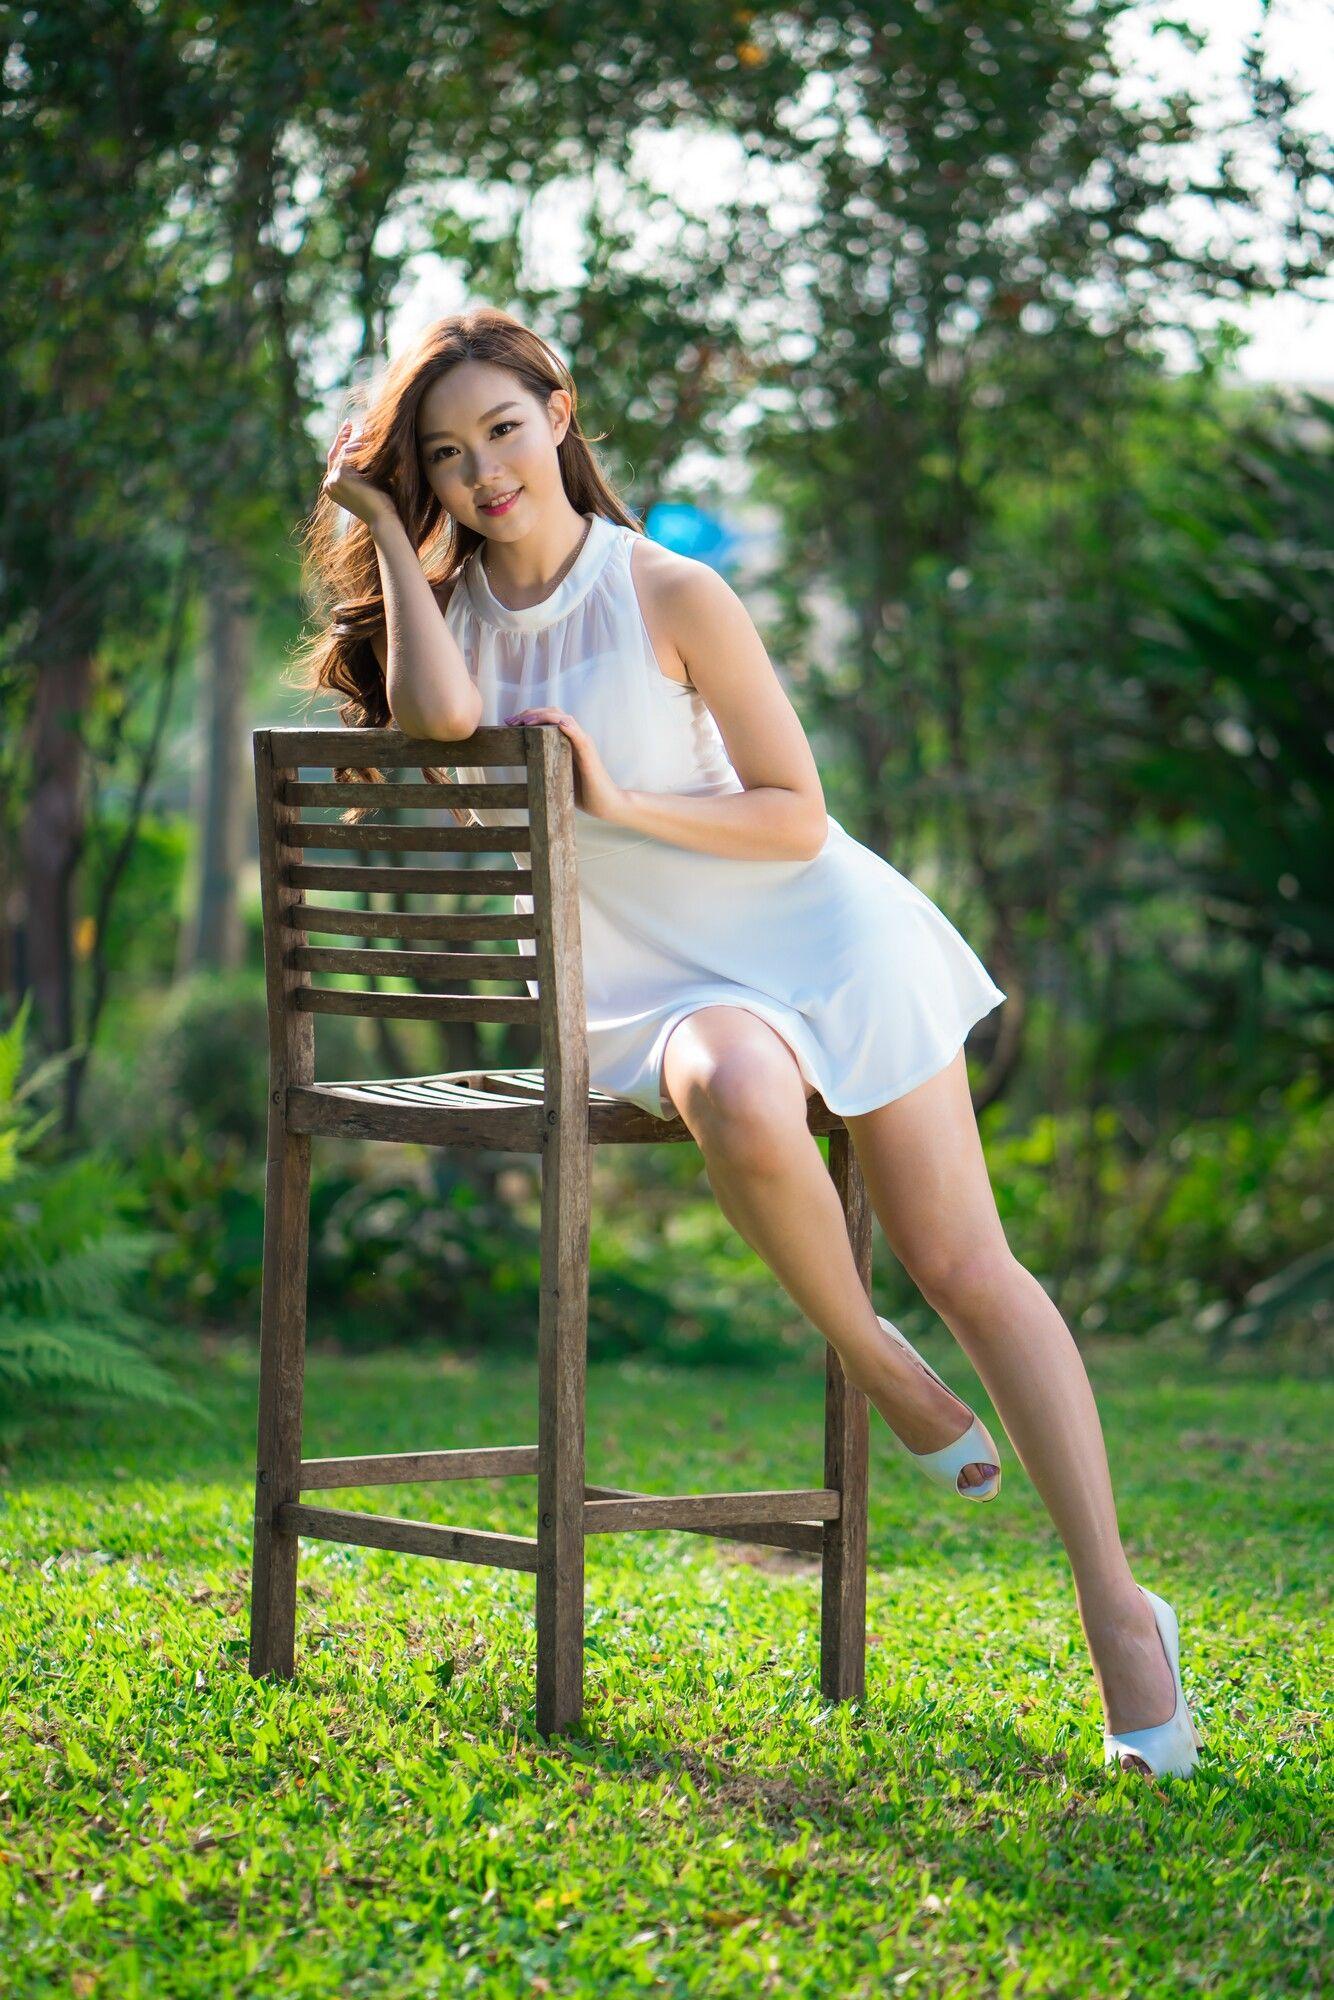 VOL.1169 [台湾正妹]清新唯美阳光正妹:安馜薇(小薇Olivia)超高清个人性感漂亮大图(62P)